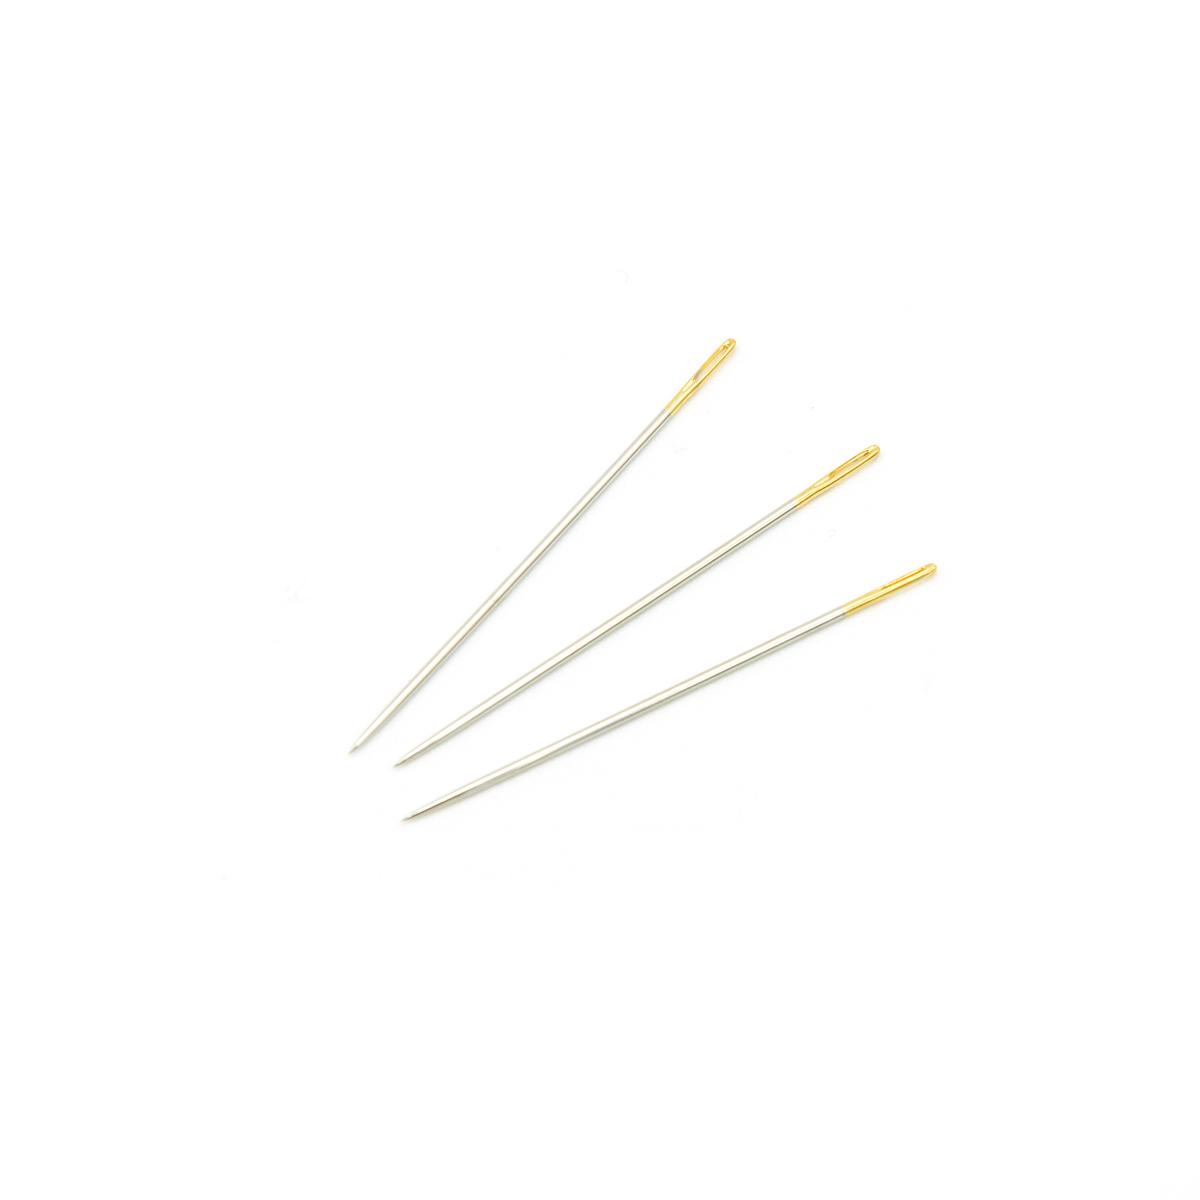 110108/g Иглы вышивальные с золотым ушком для тонкой шерсти №3-9, упак./16 шт., Hobby&Pro